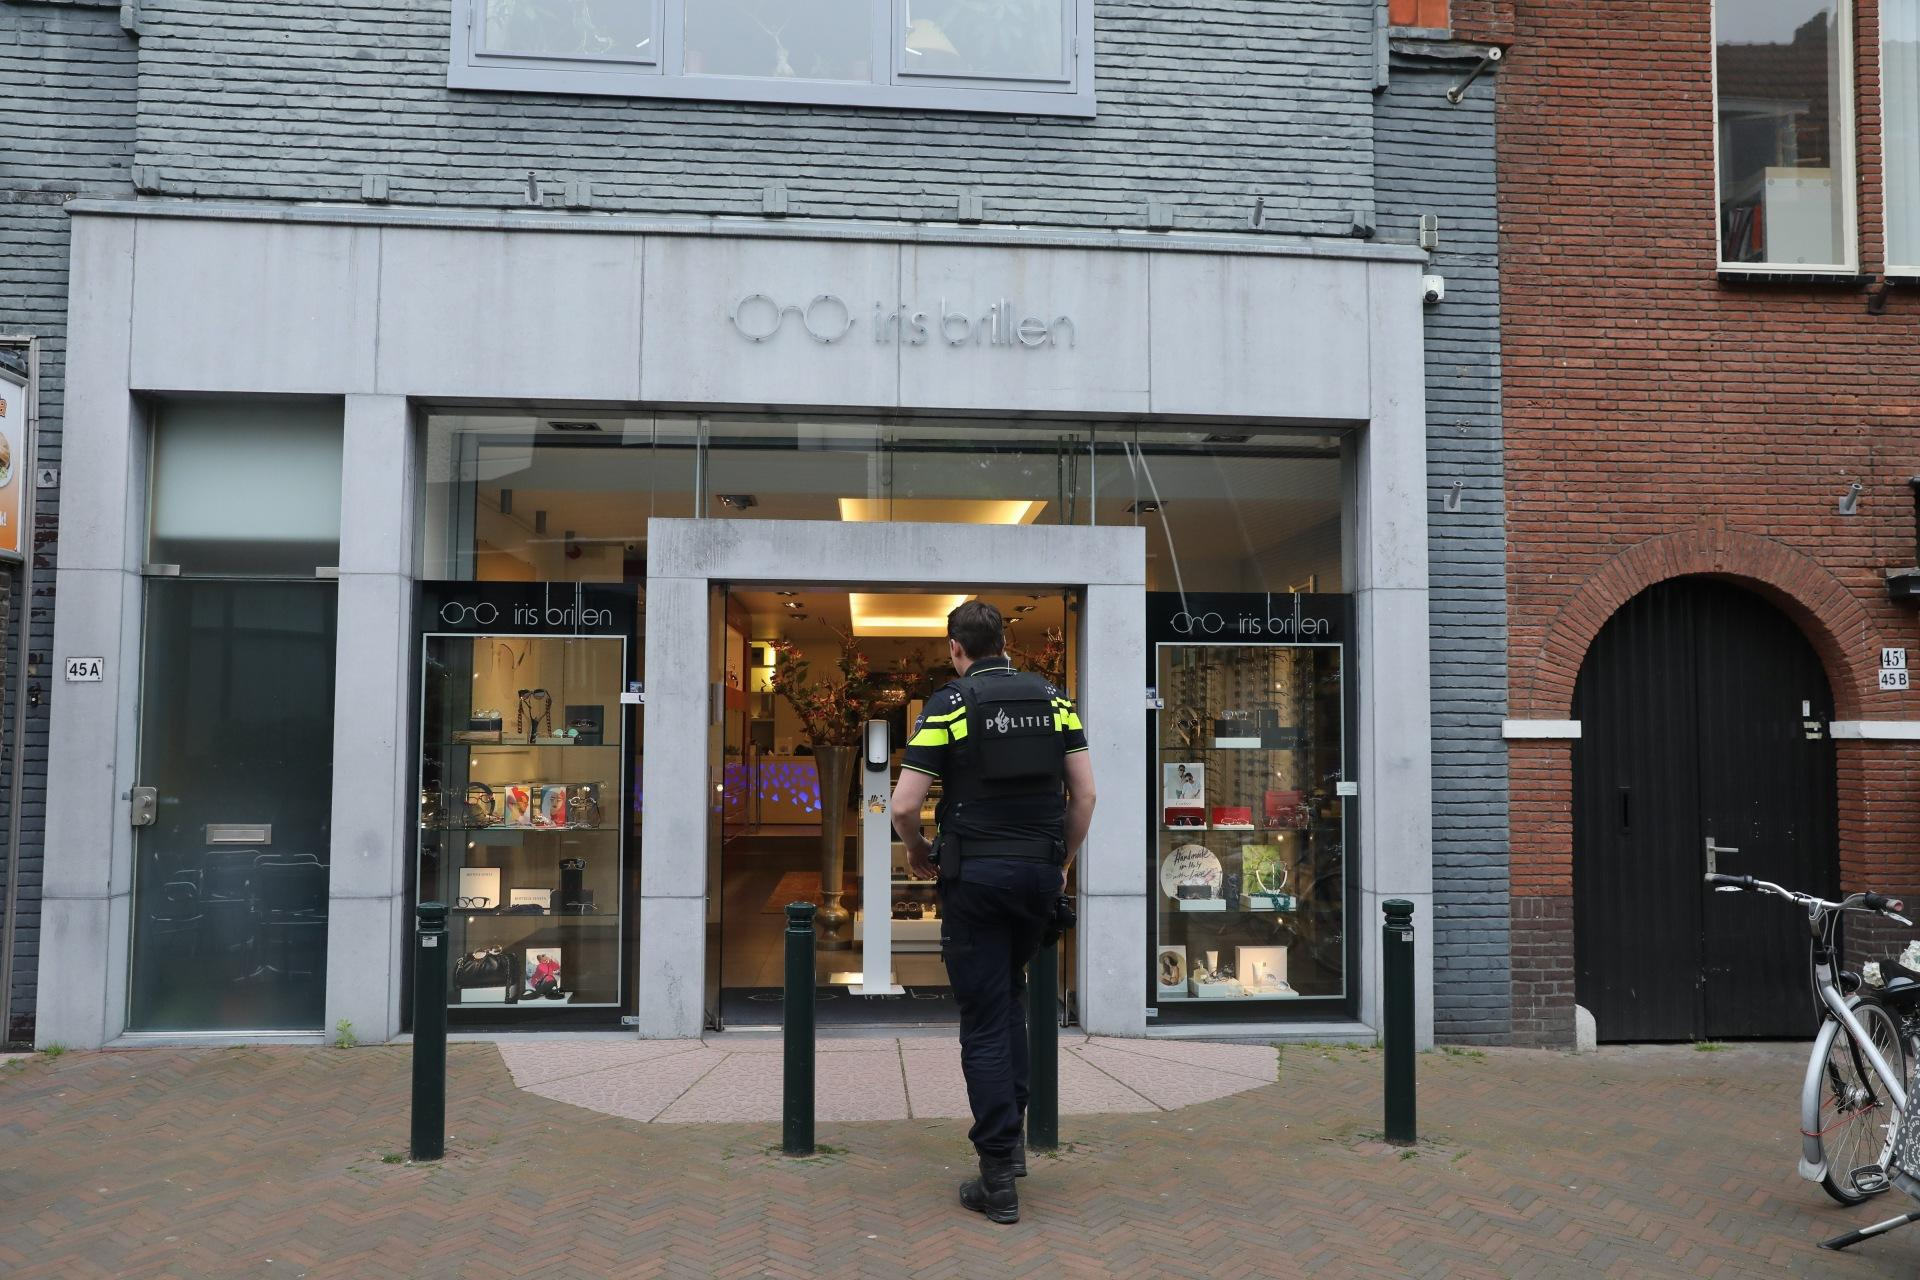 Diefstal dure zonnebrillen in Baarn: verdachten uit Zaandam en Oostzaan na klopjacht aangehouden [update]